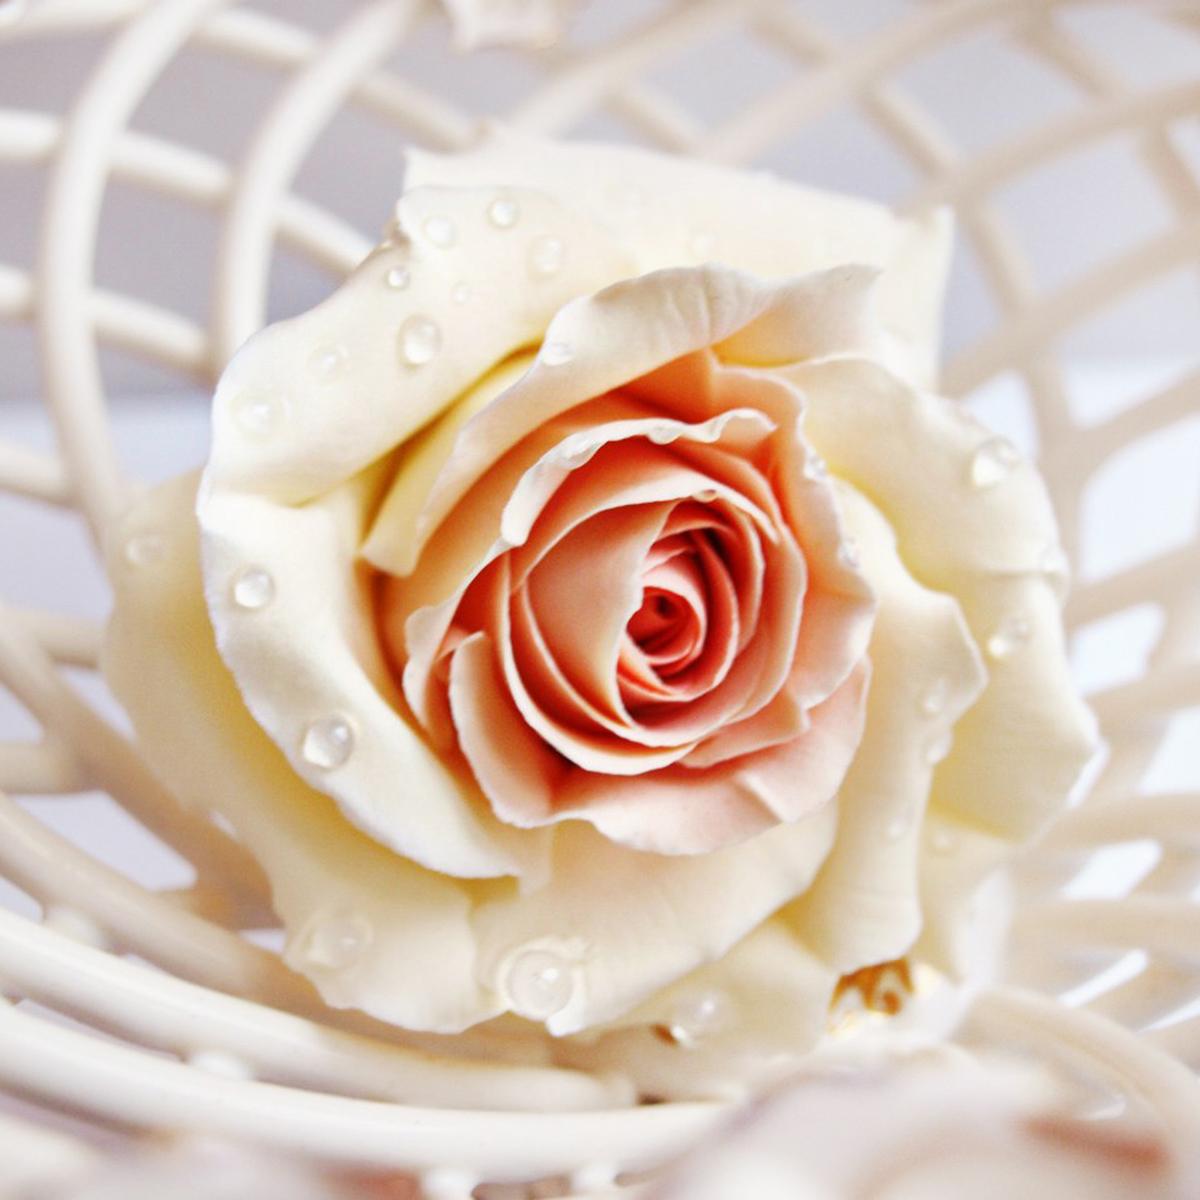 Ivory Rose Hair Pin - Handmade Flowers | Oriflowers